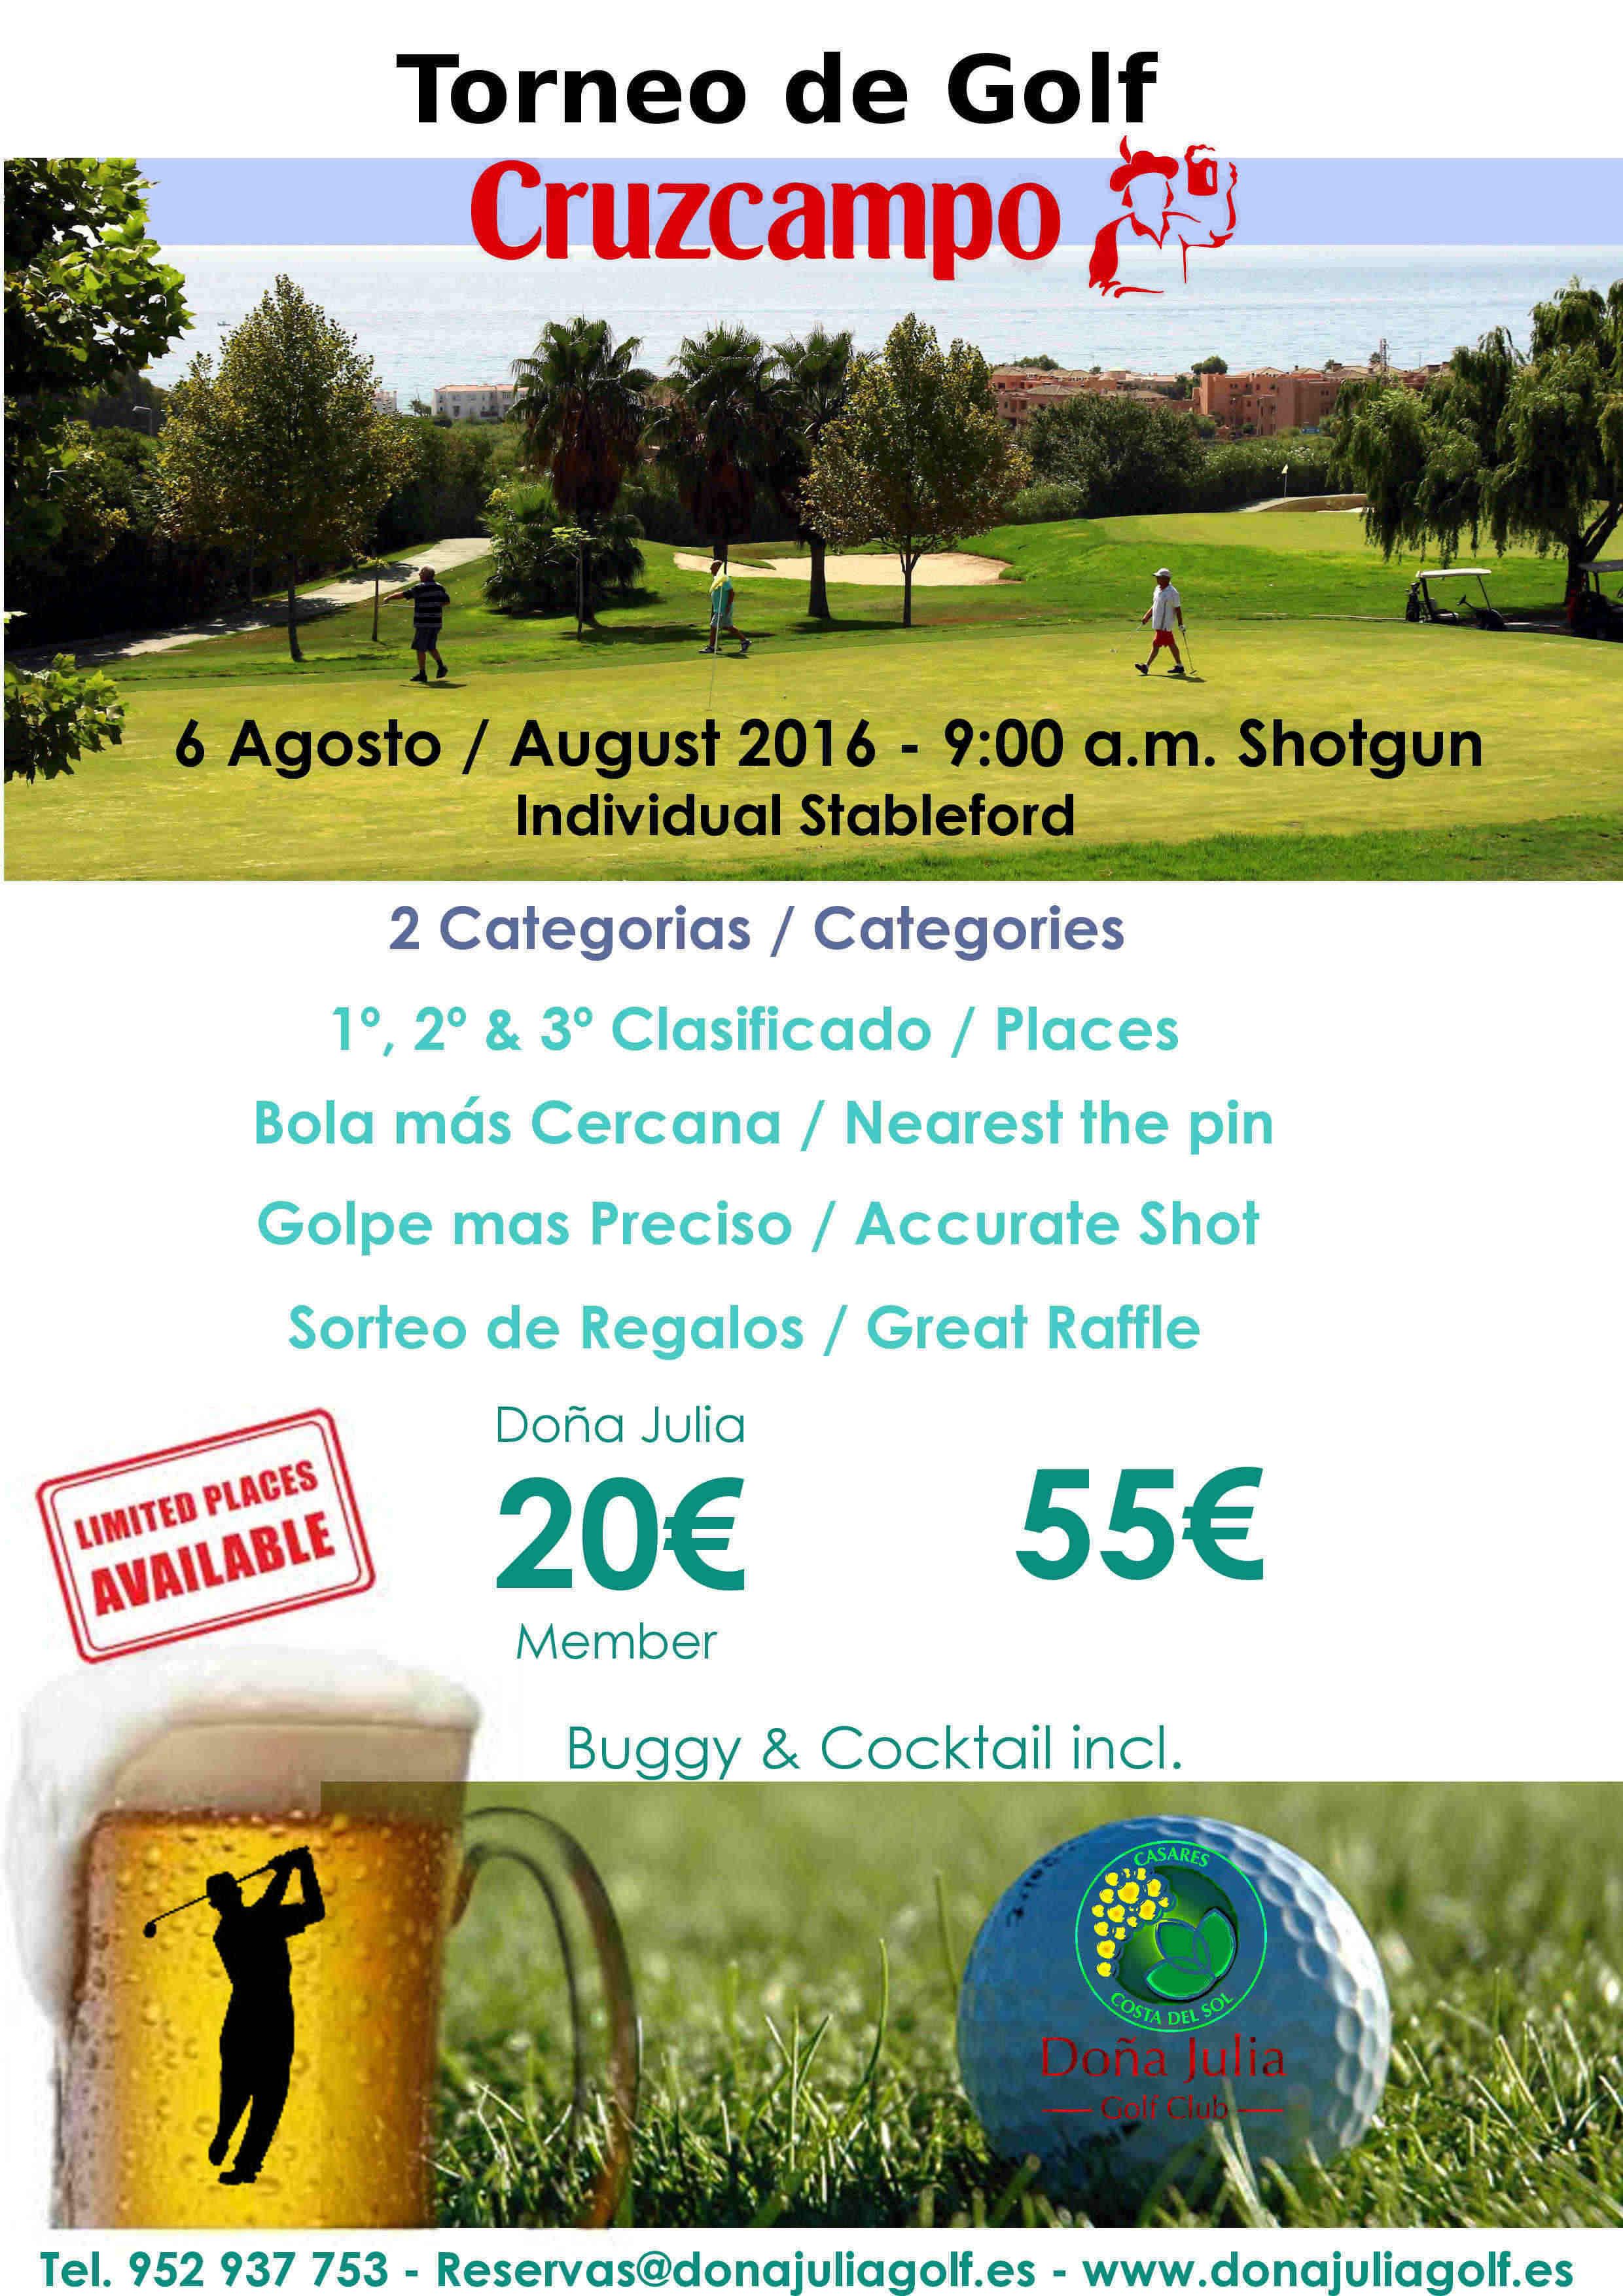 Torneo de Golf Cruzcampo